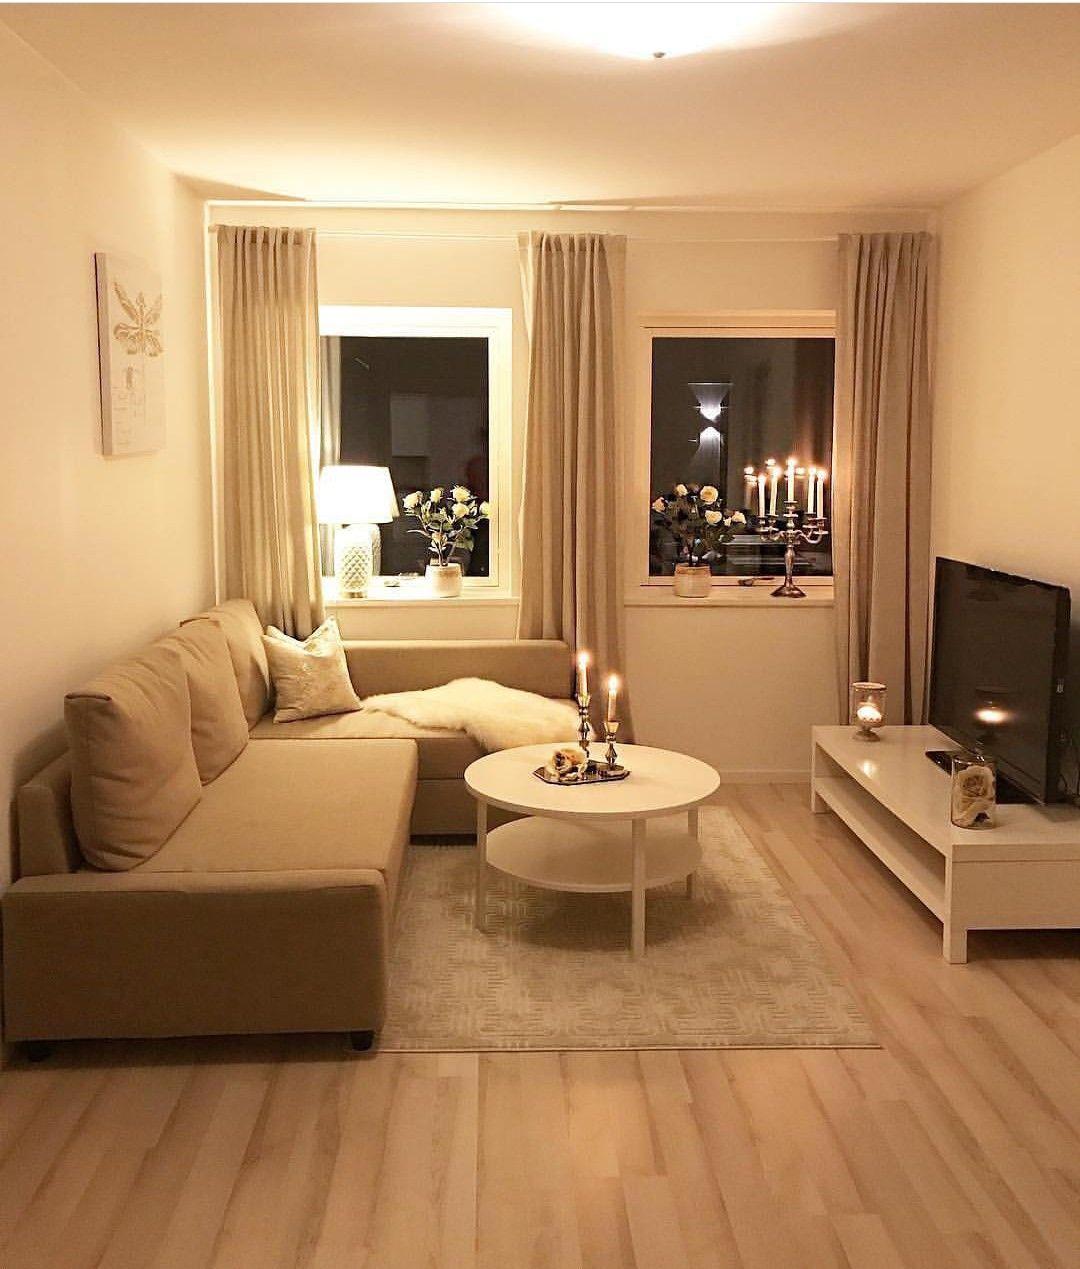 اثاث اثاث مودرن اثاث ايكيا أثاث منزلي اثاثكم ديكورات خارجية ديكورات ديكور ديكورات داخليه Small Living Room Decor Dinning Room Decor Home Decor